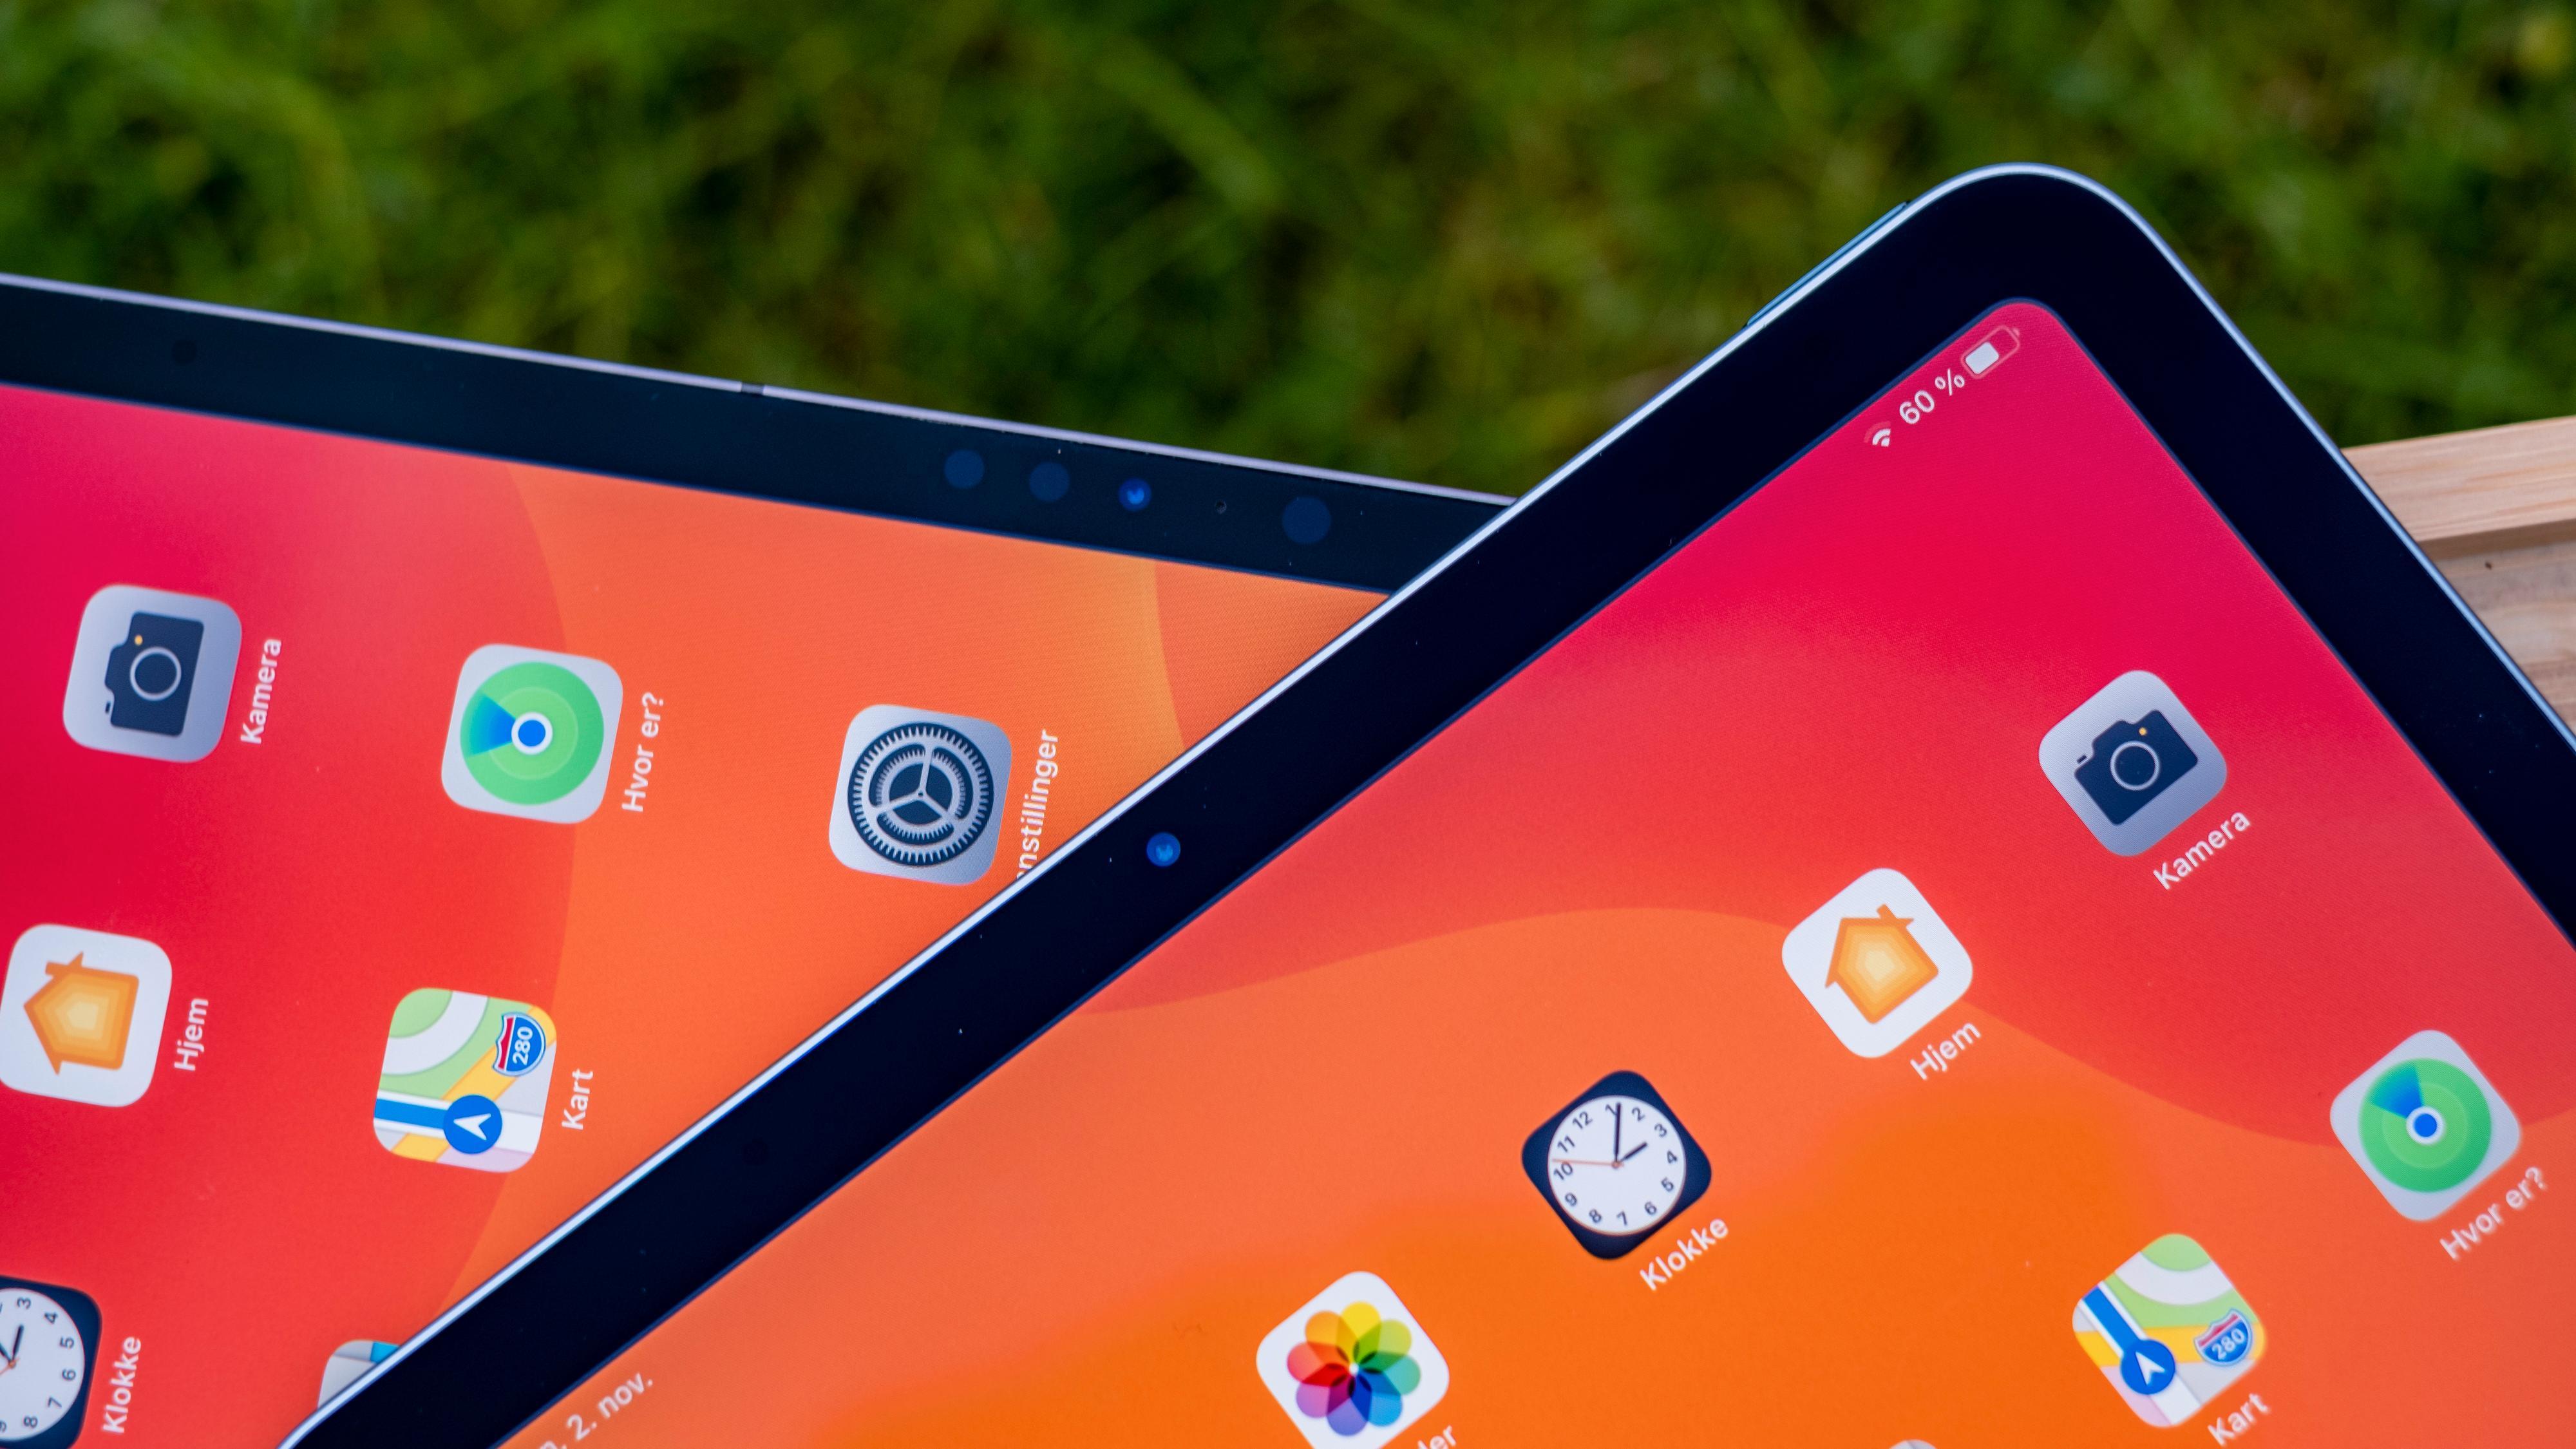 Om du ser godt etter ser du at iPad Pro-skjermen i bakgrunnen titter på deg med langt flere øyne enn iPad Air-skjermen i forgrunnen. Det er de mange sensorene som gir iPad Pro FaceID-lås.